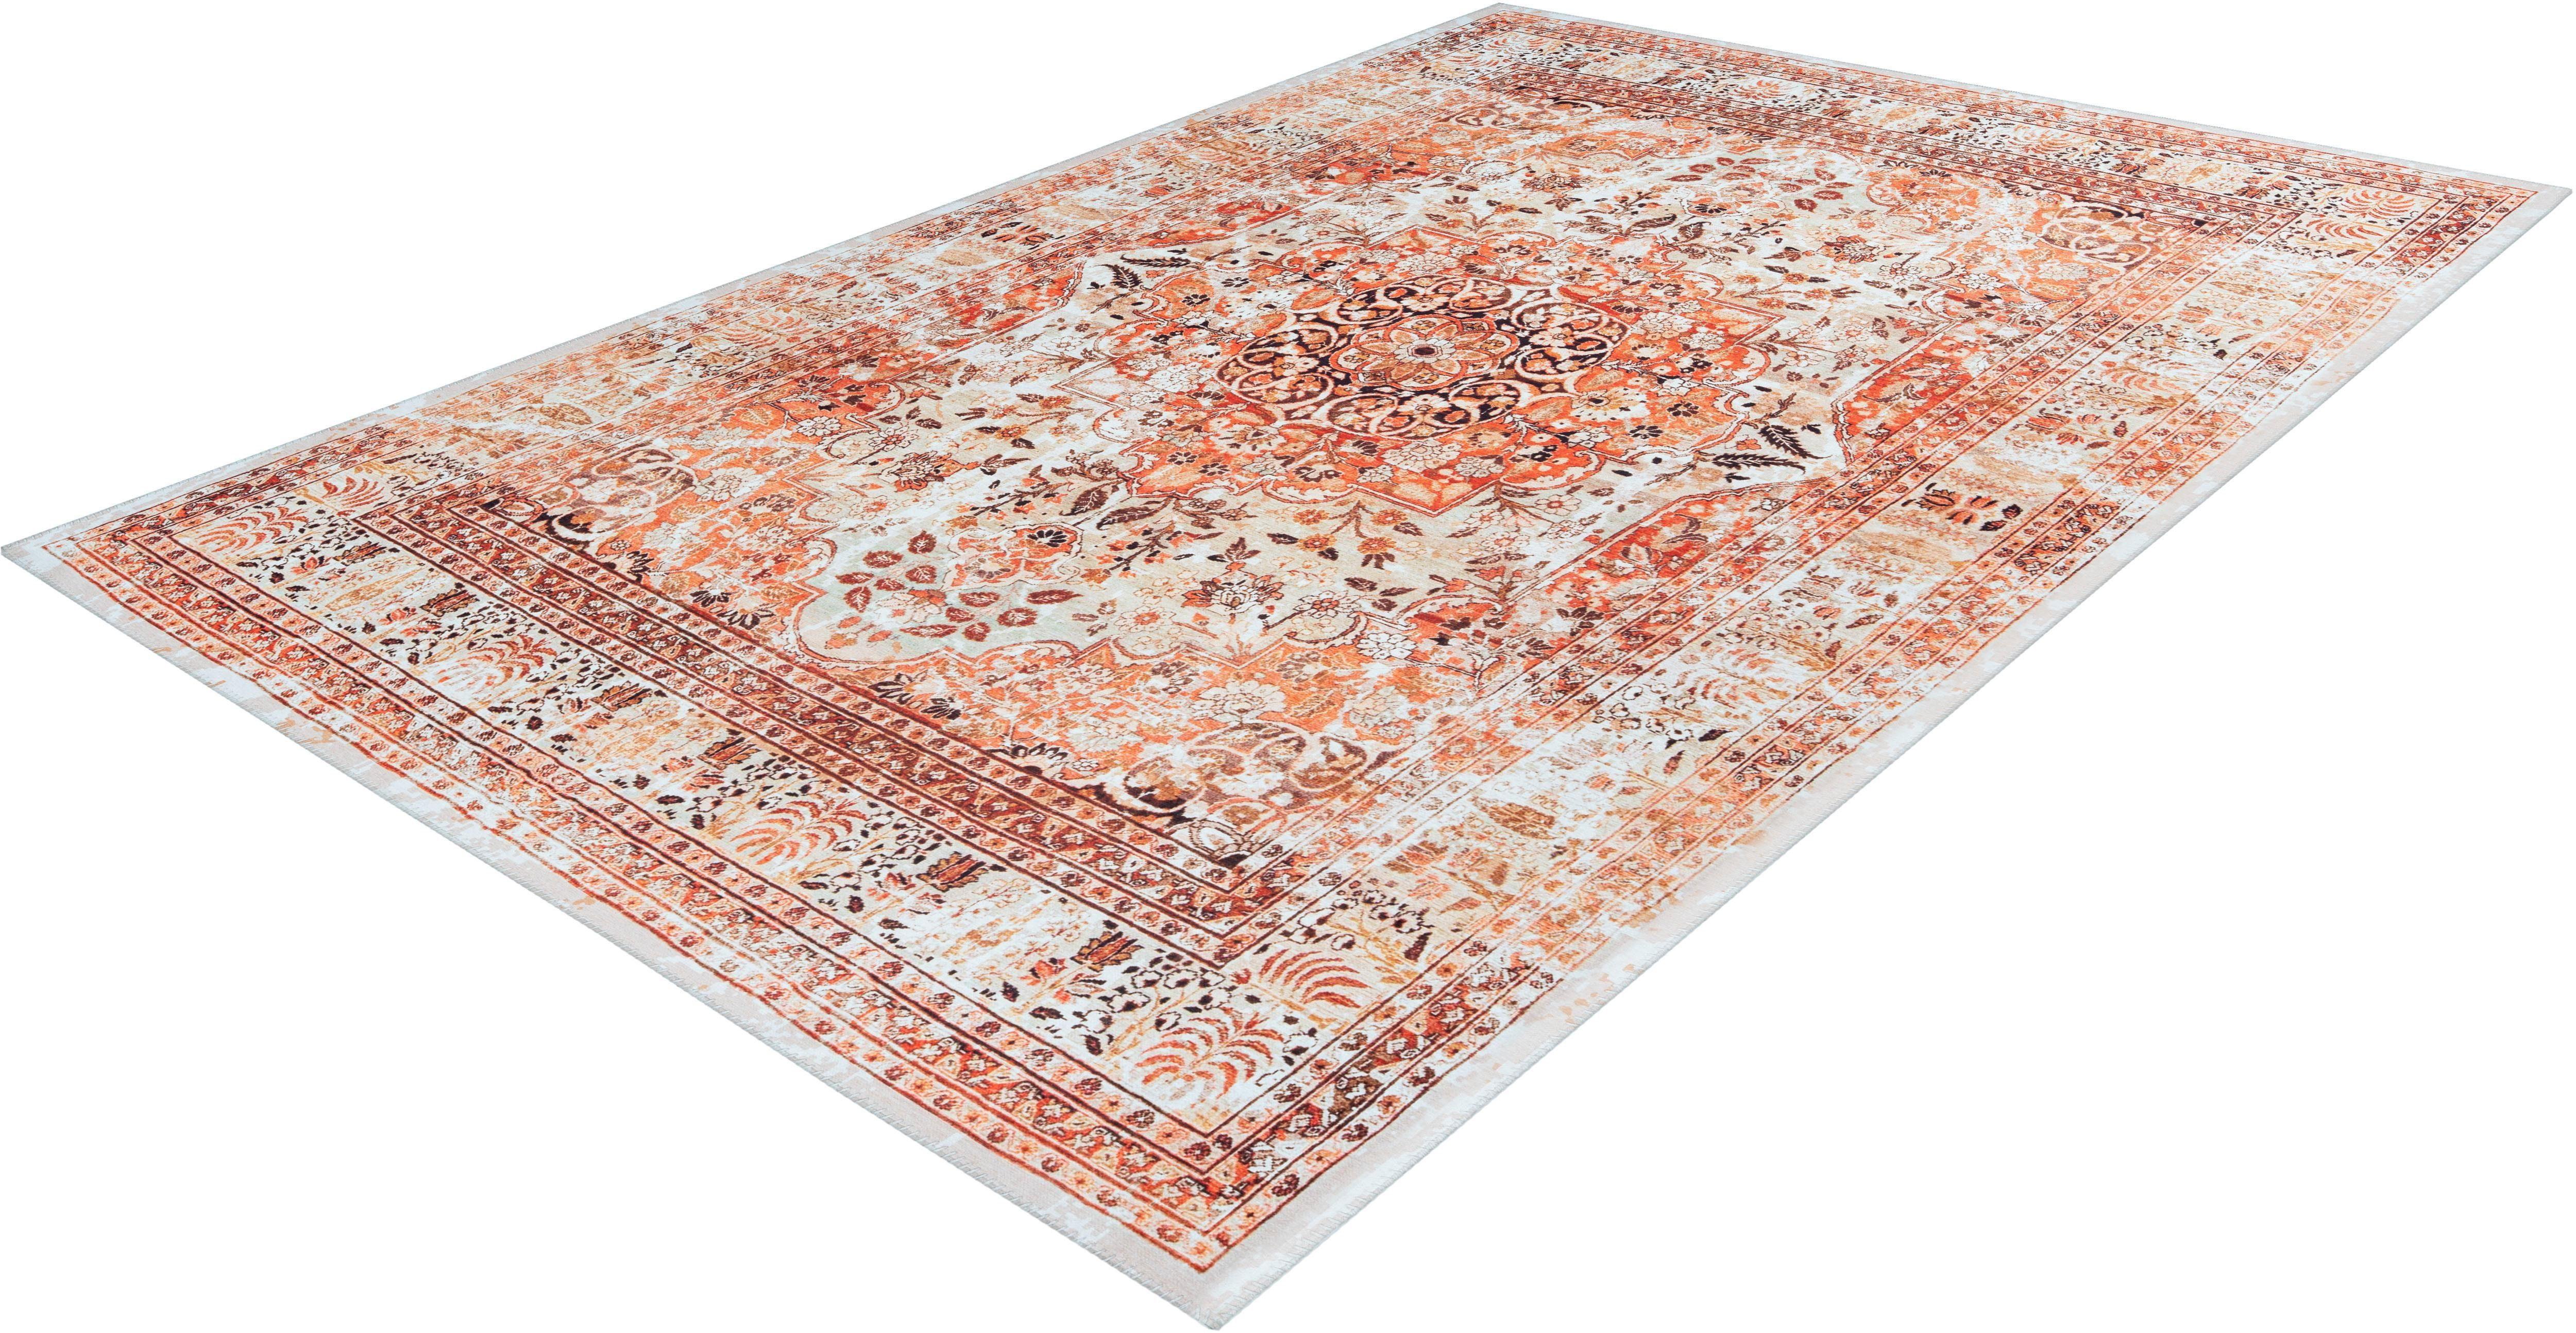 Teppich Helen Home affaire rechteckig Höhe 6 mm maschinell gewebt